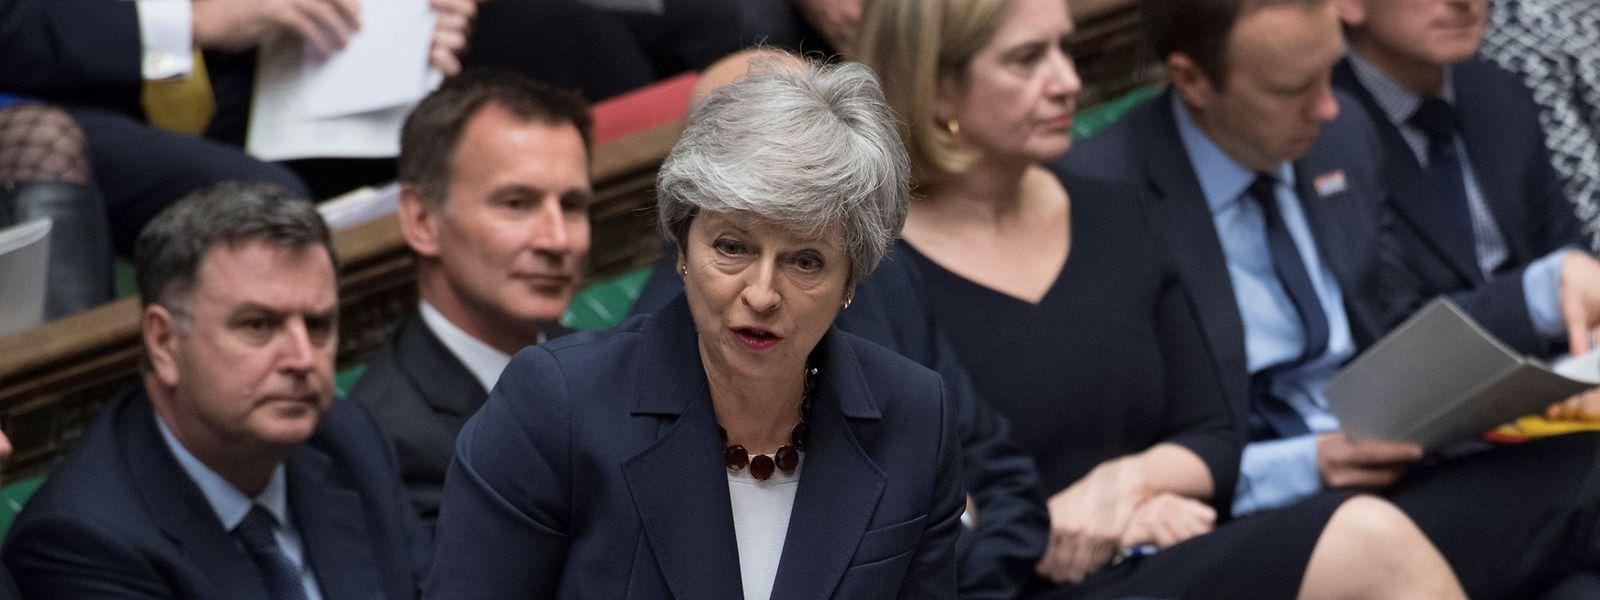 Theresa May: «Je suis prête à quitter ce poste plus tôt que prévu».